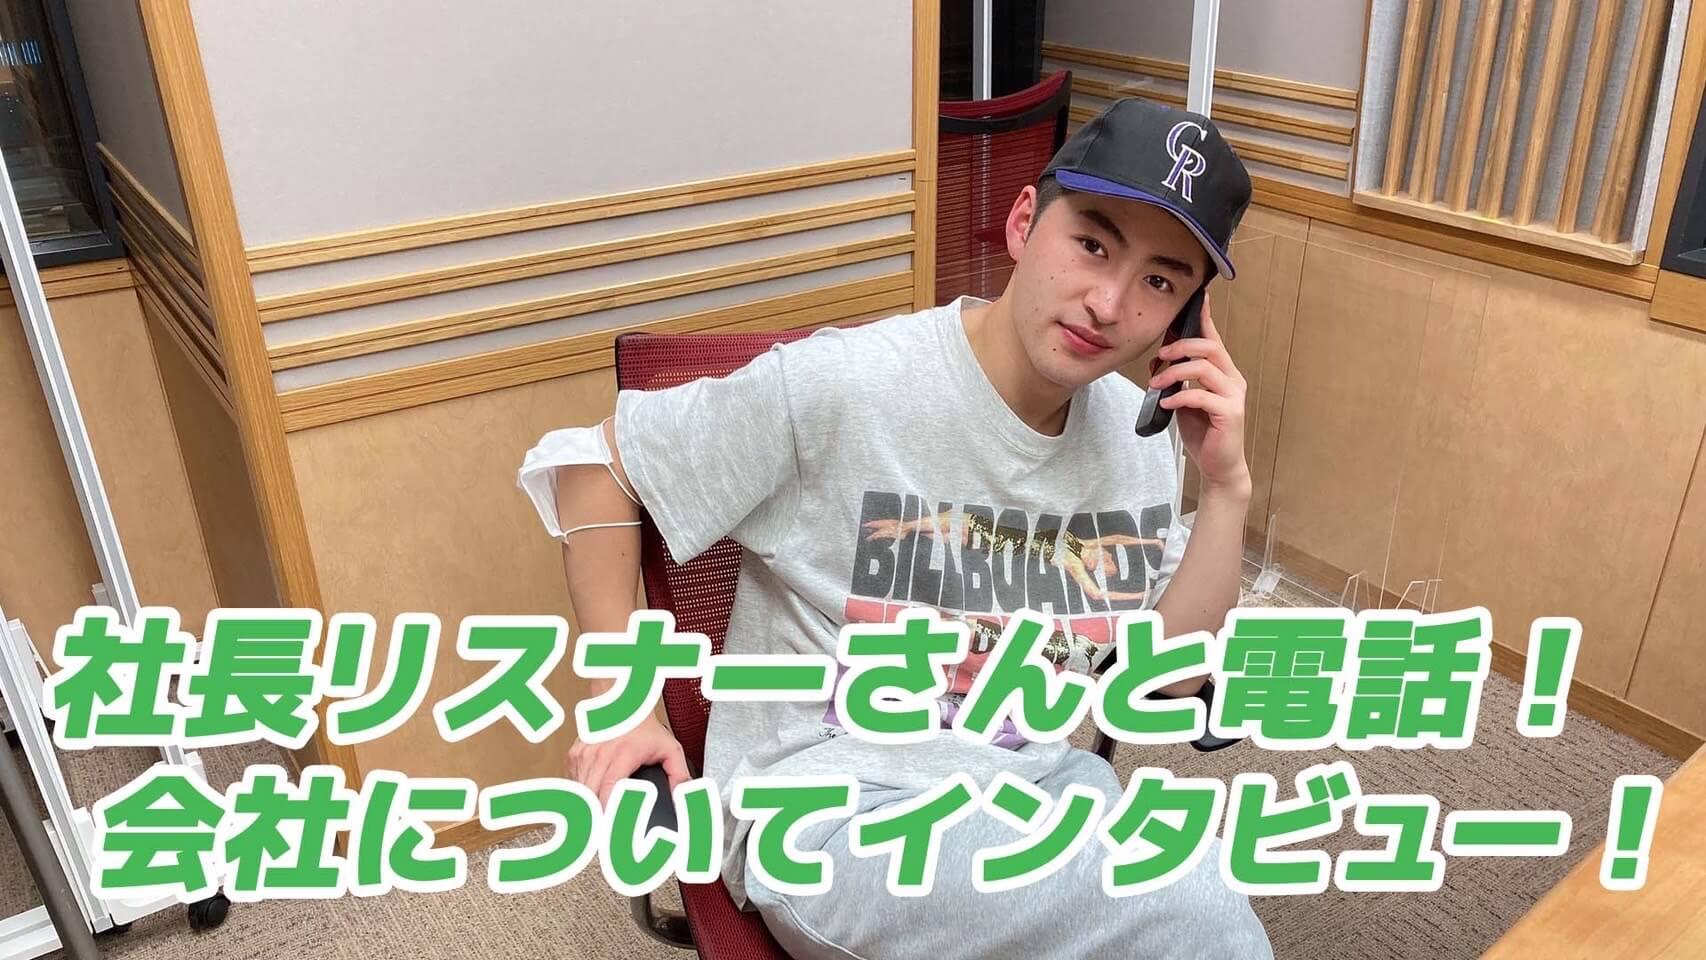 社長リスナーさんと電話!会社についてインタビュー!